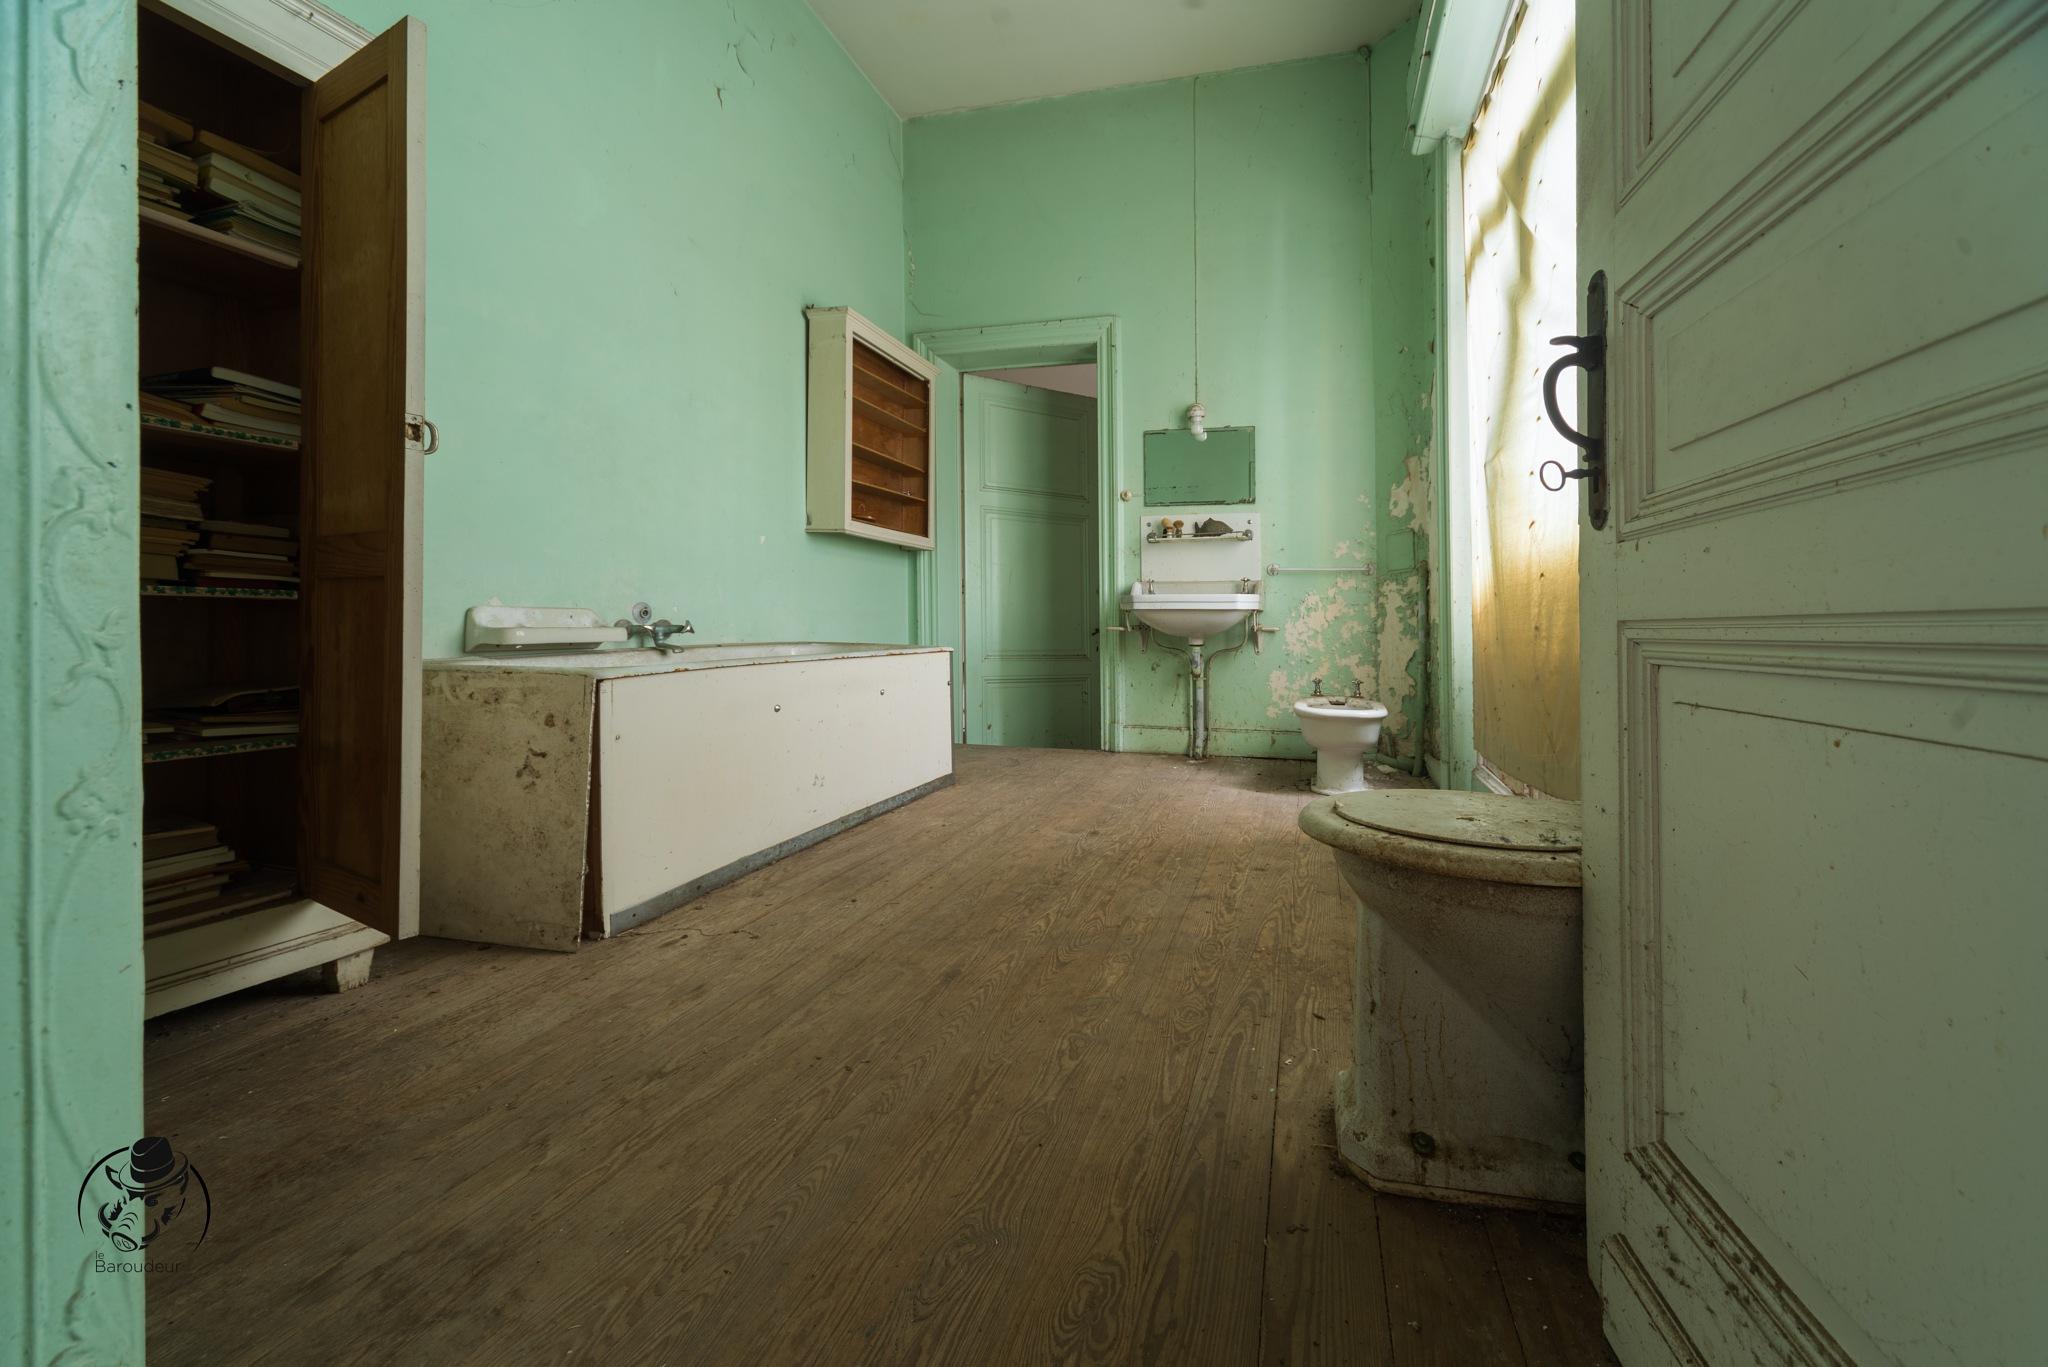 La salle de bain verte du manoir aux portraits by Le Baroudeur